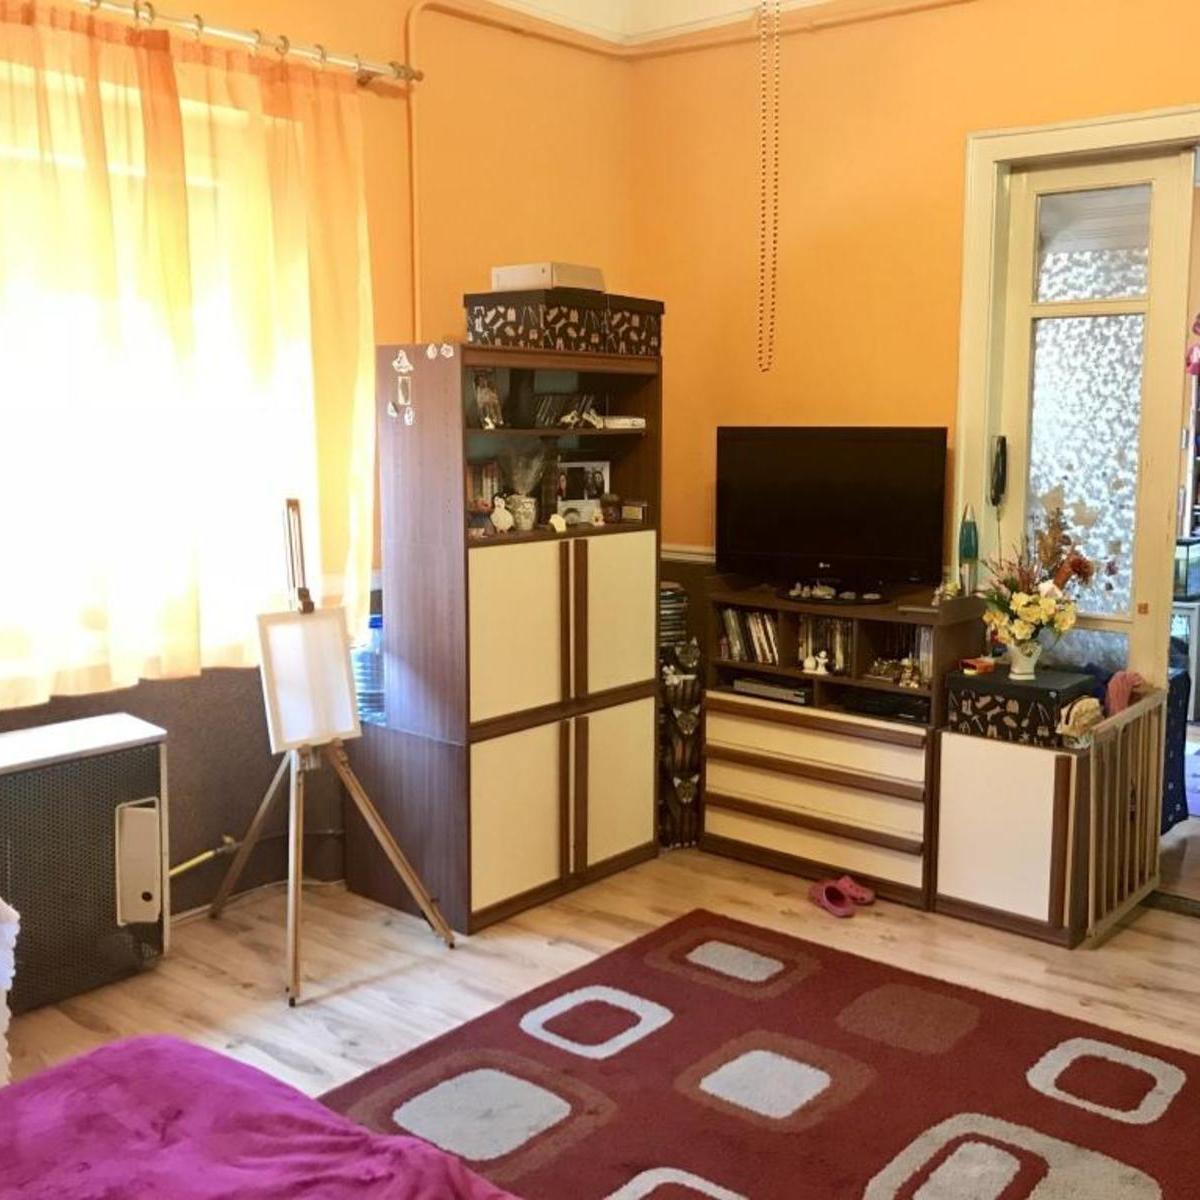 Eladó  téglalakás (Budapest, IV. kerületBudapest, IV. kerület, Nádor u.) 24,9 M  Ft